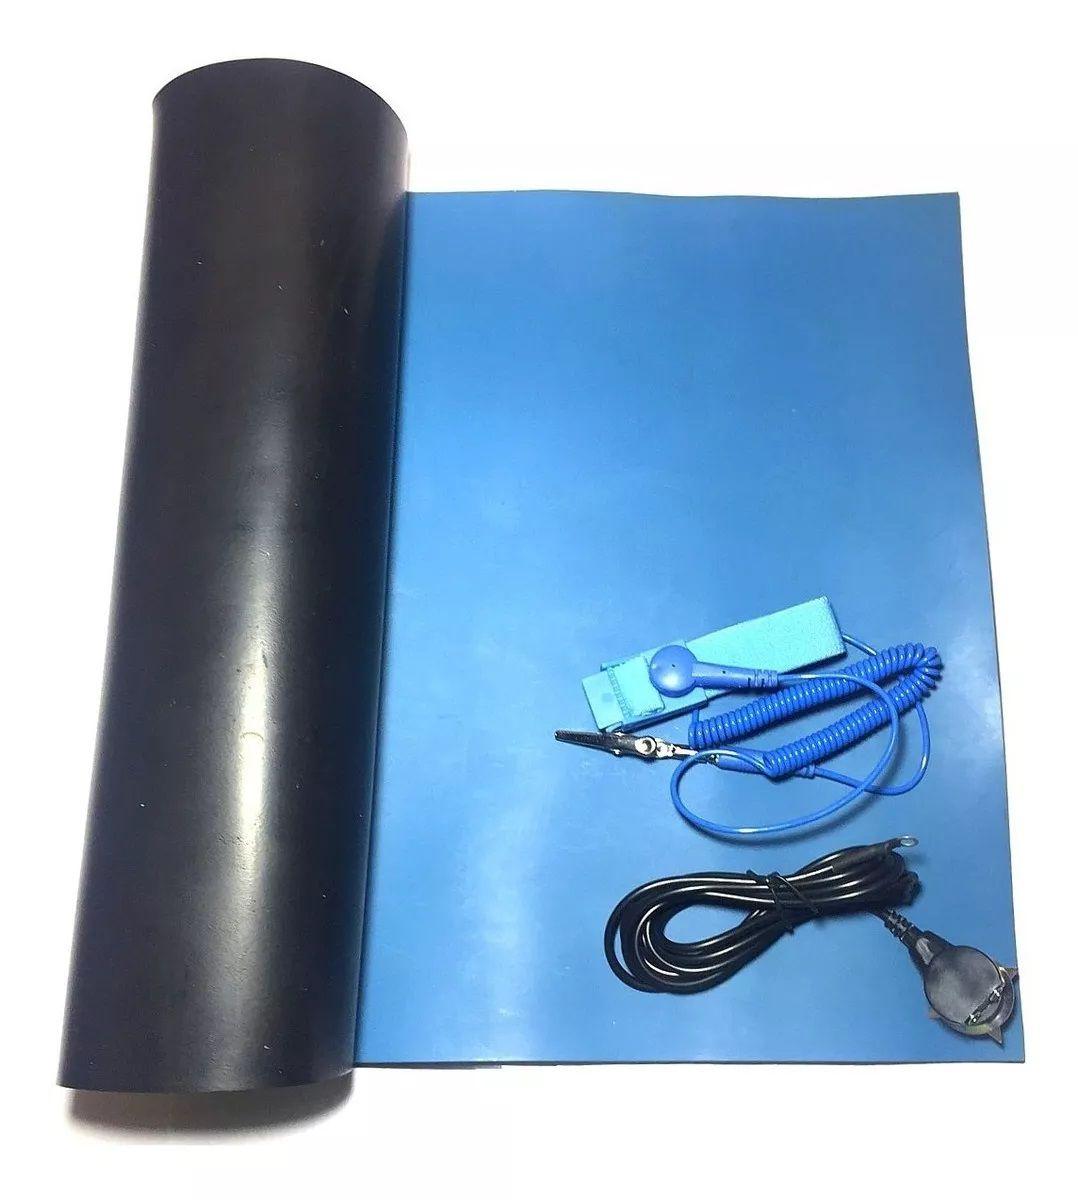 Kit Anti-estático com Manta Azul 30 x 50cm Cabo de aterramento e pulseira anti-estatica com fio  - MRE Ferramentas